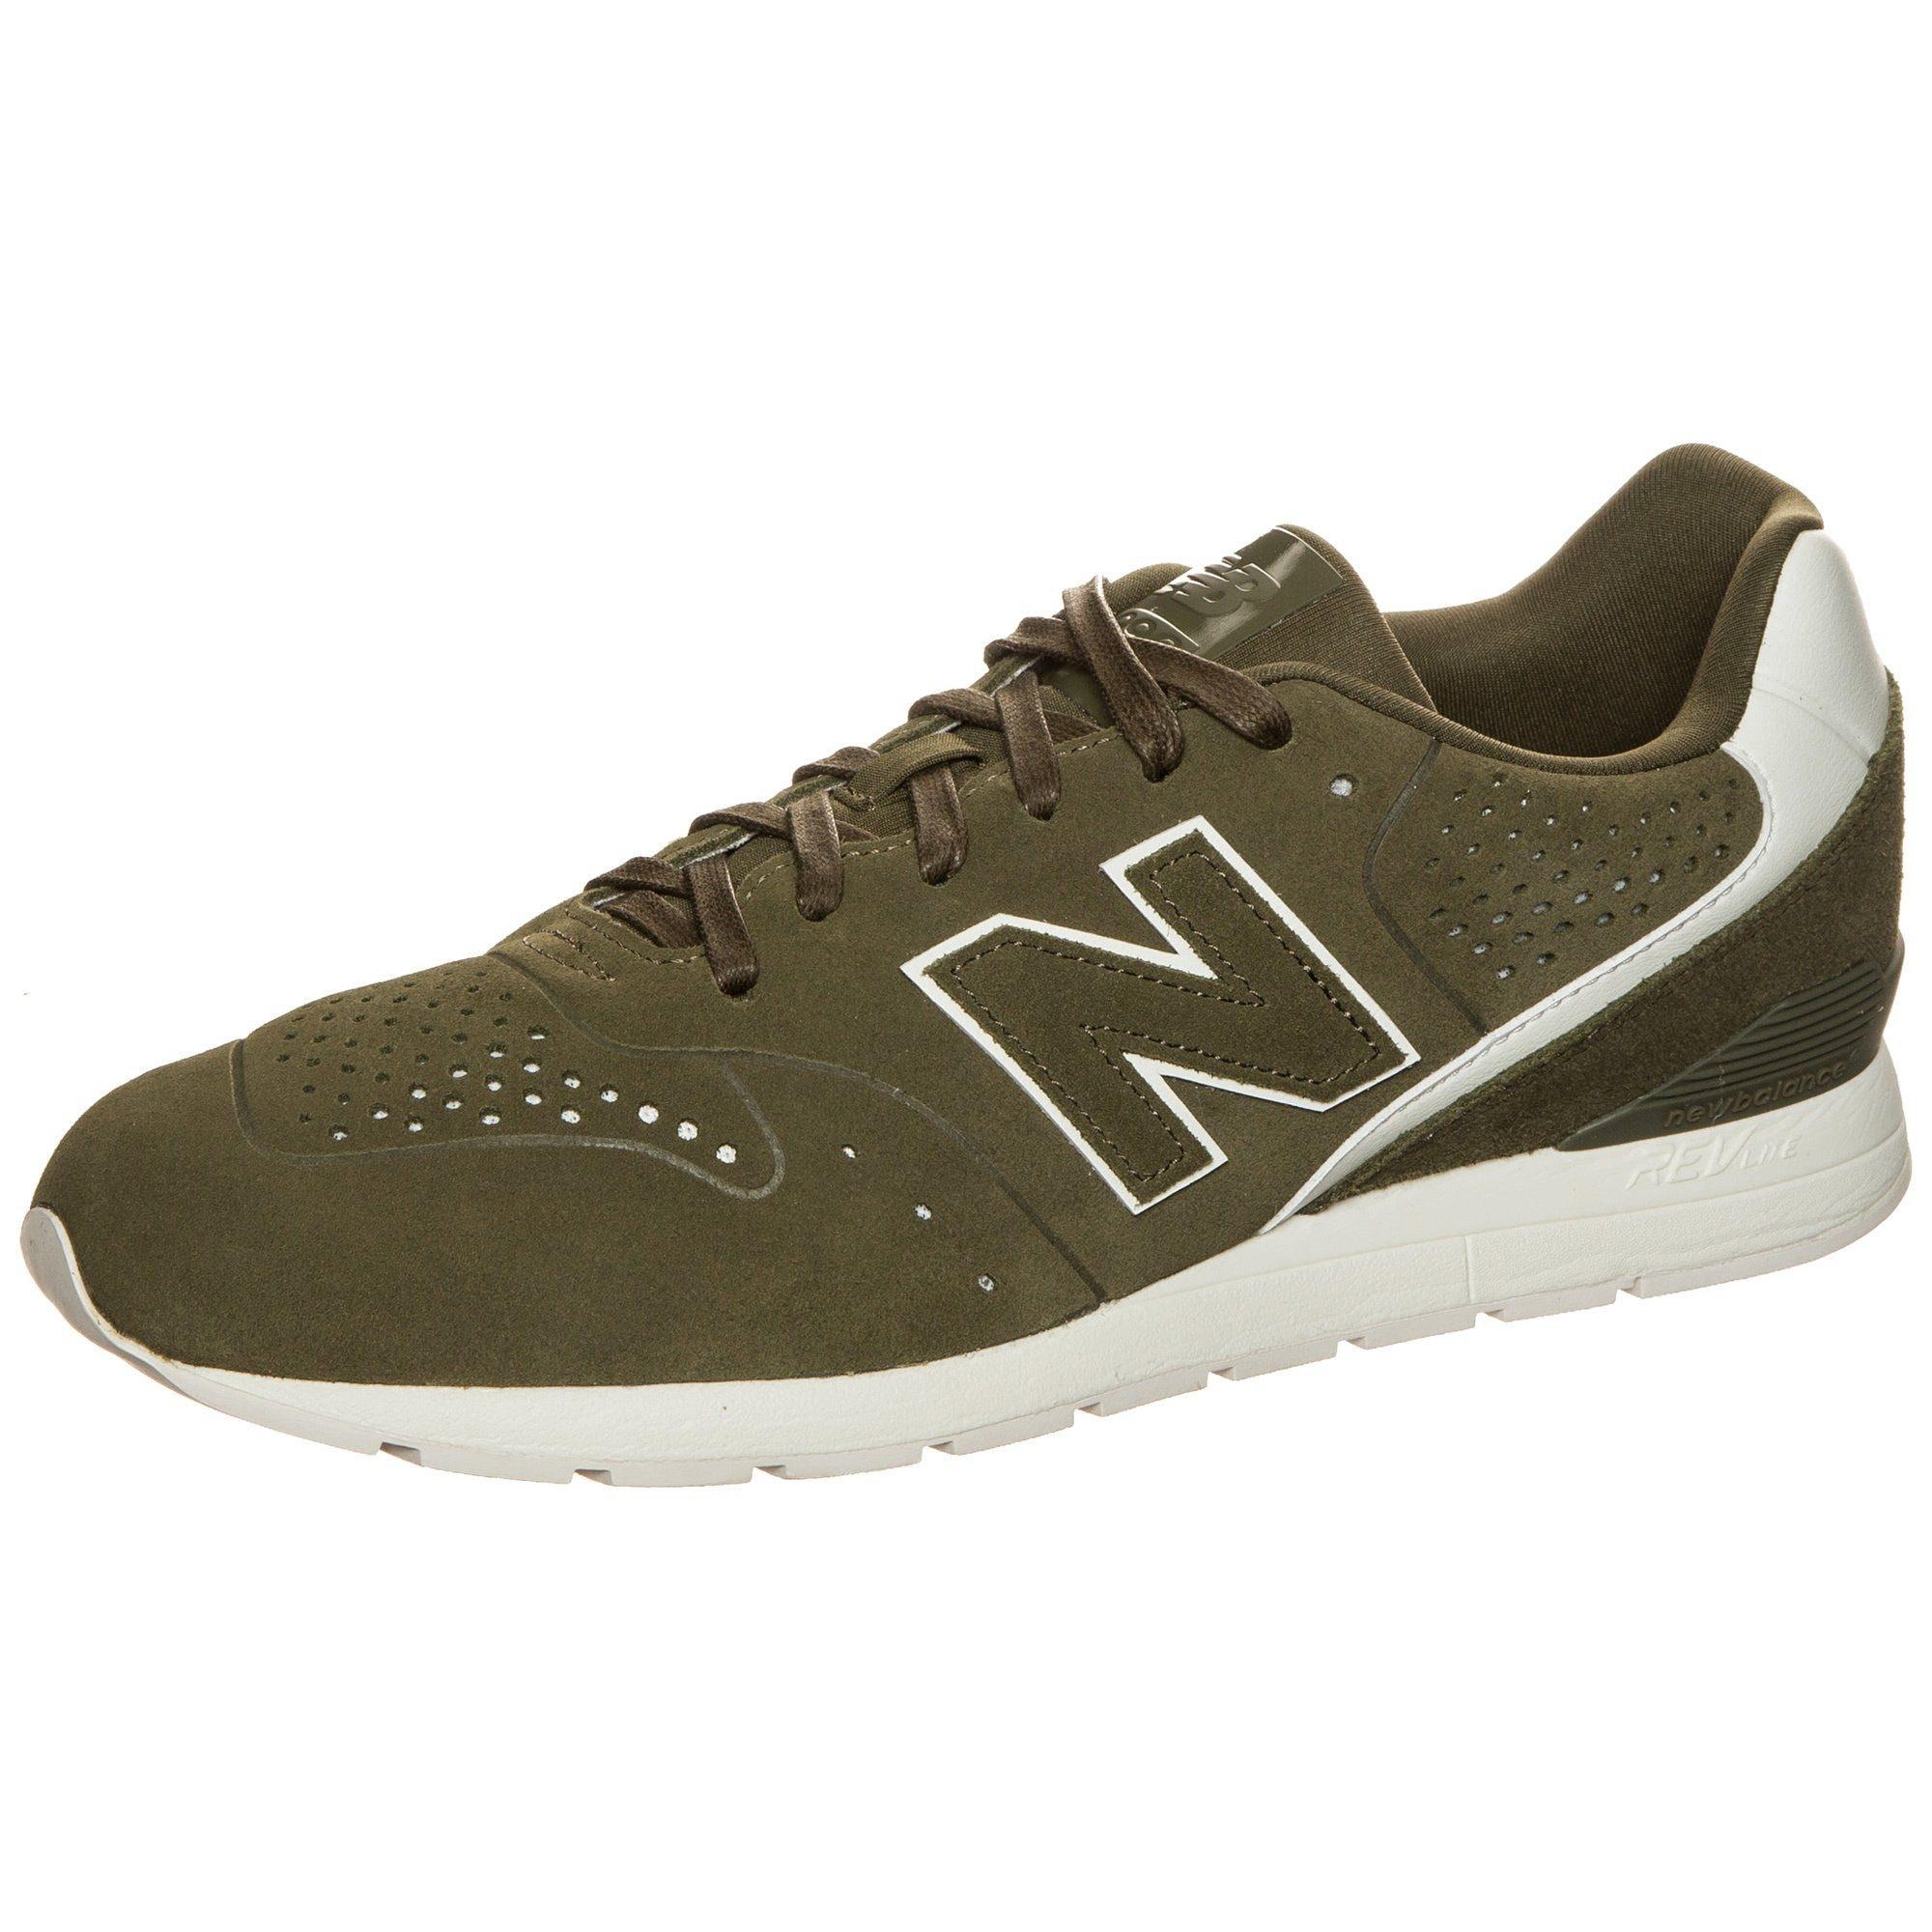 New Balance Sneaker  ;Mrl996-dz-d online online online bestellen | imwalking b38e3a